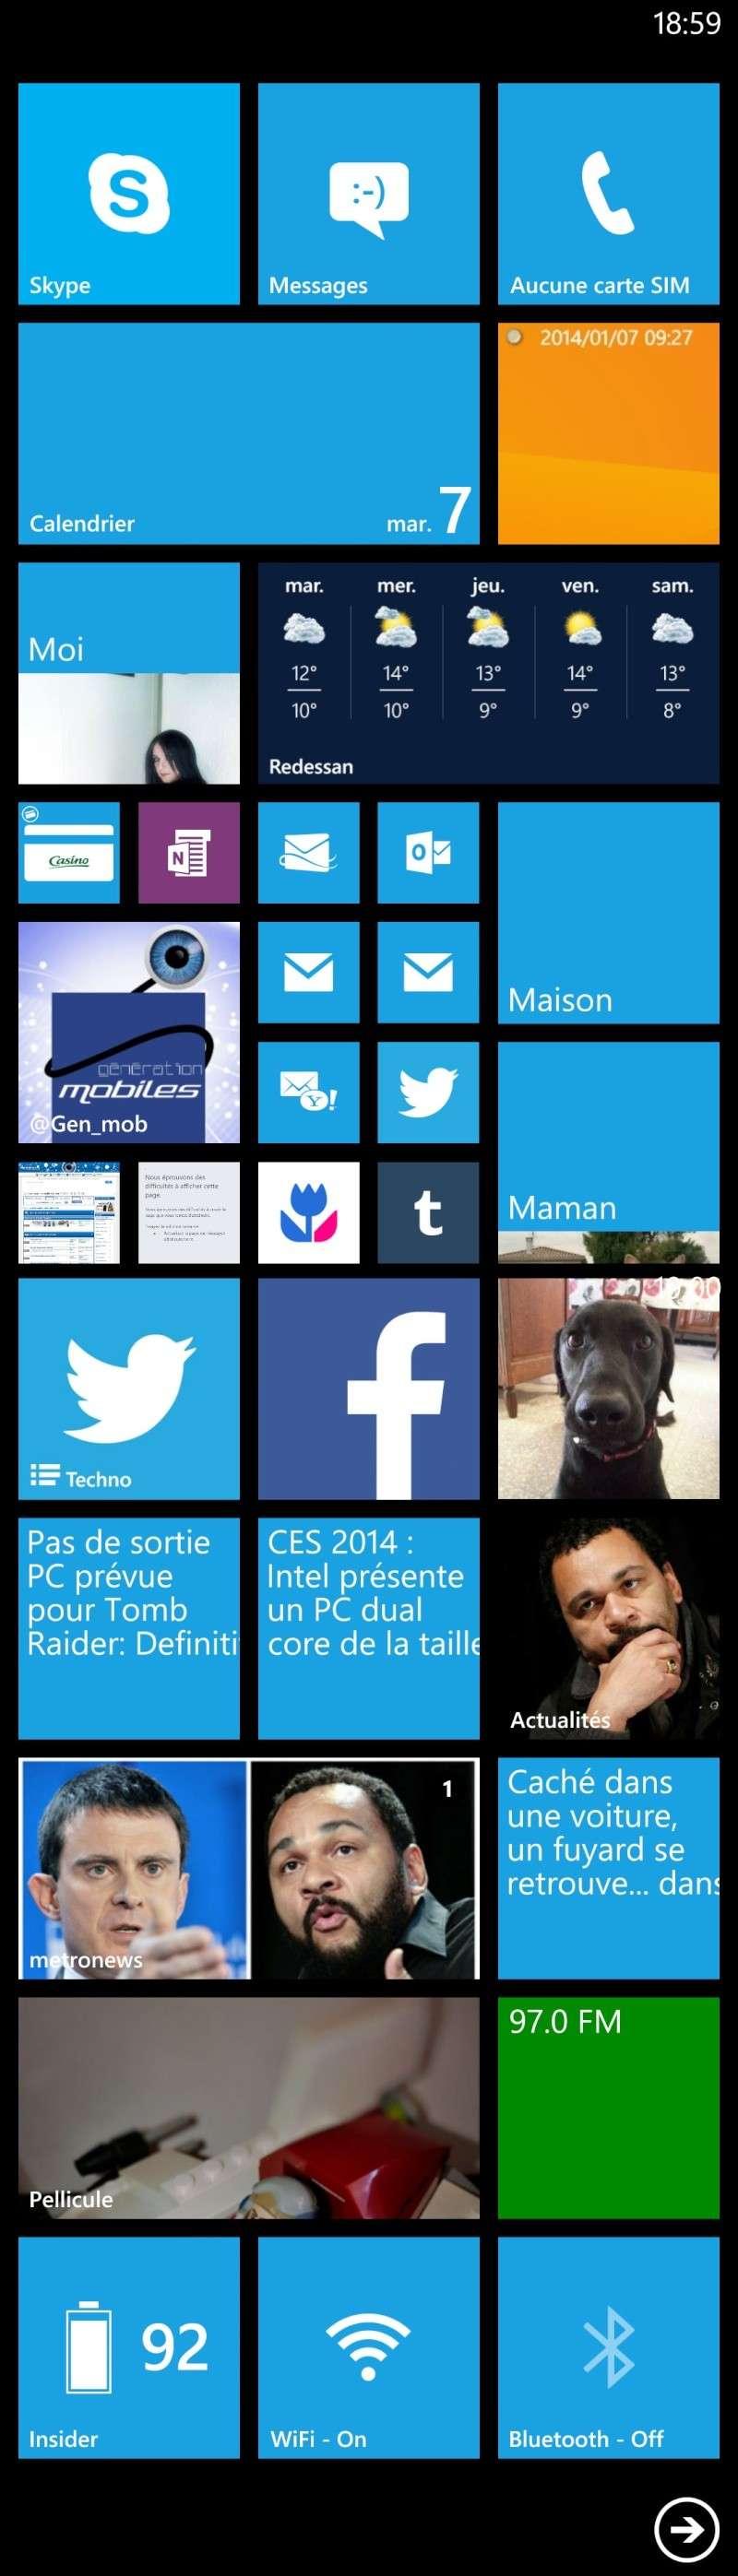 [DISCUSSION] Et vous comment avez vous personnalisez votre Windows Phone - Page 3 Accuei10